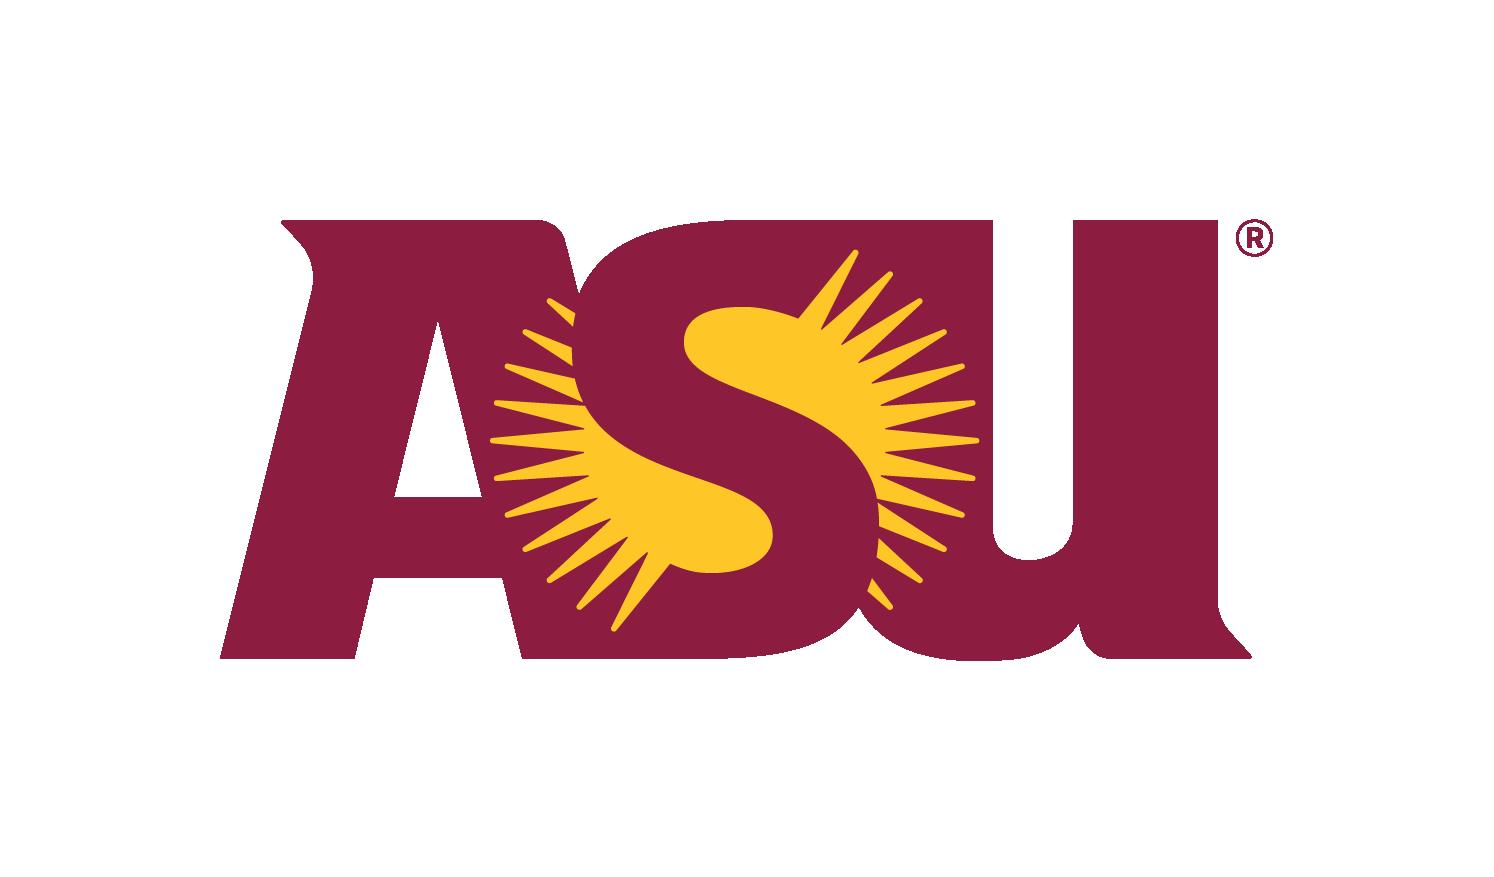 asu_logo_1.png (1494×877)